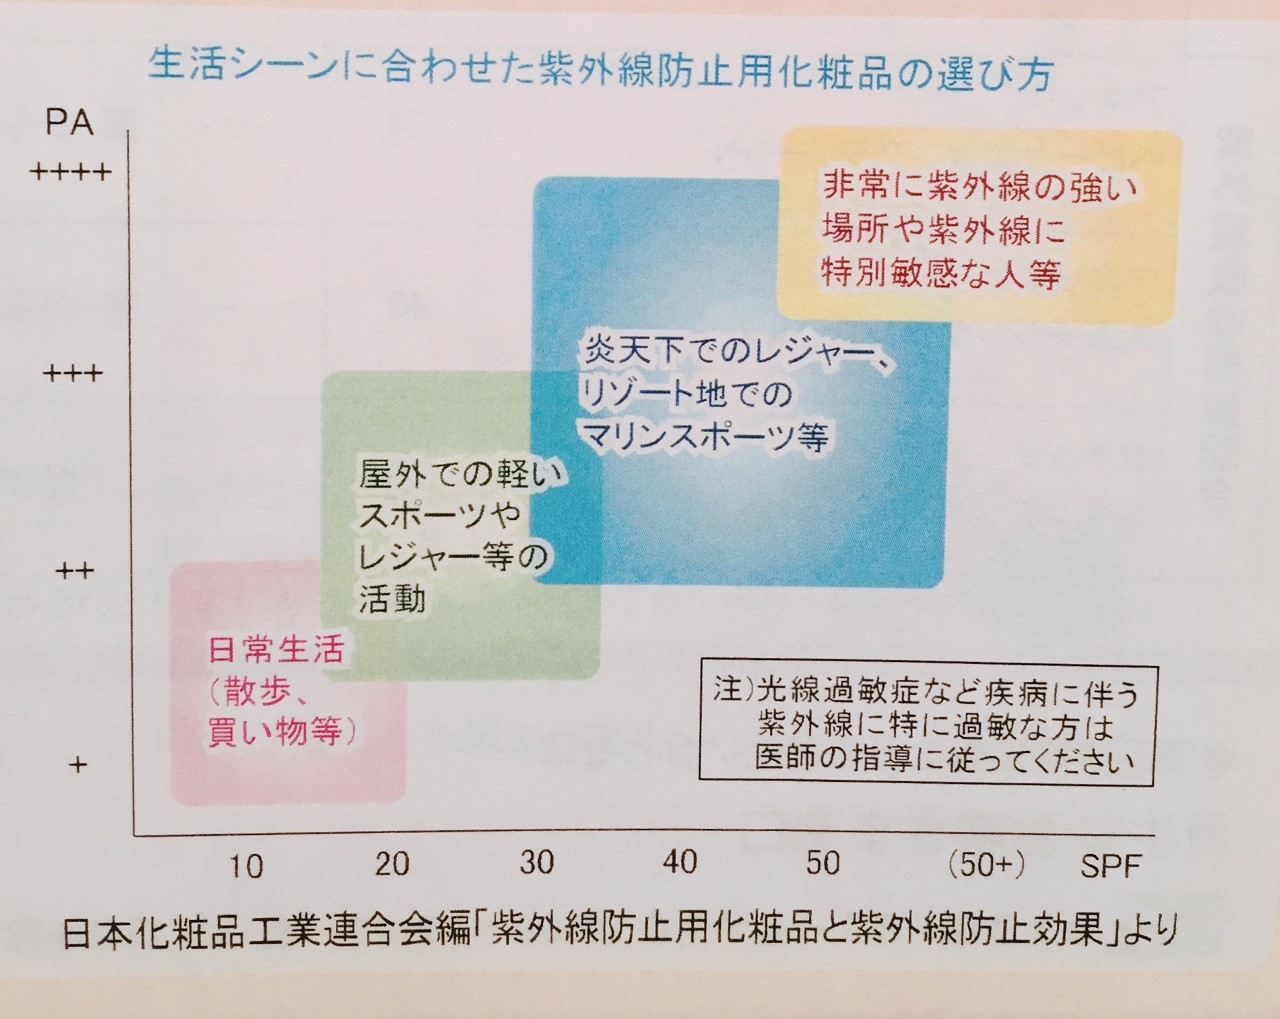 生活シーンに合わせたUV選び方.png